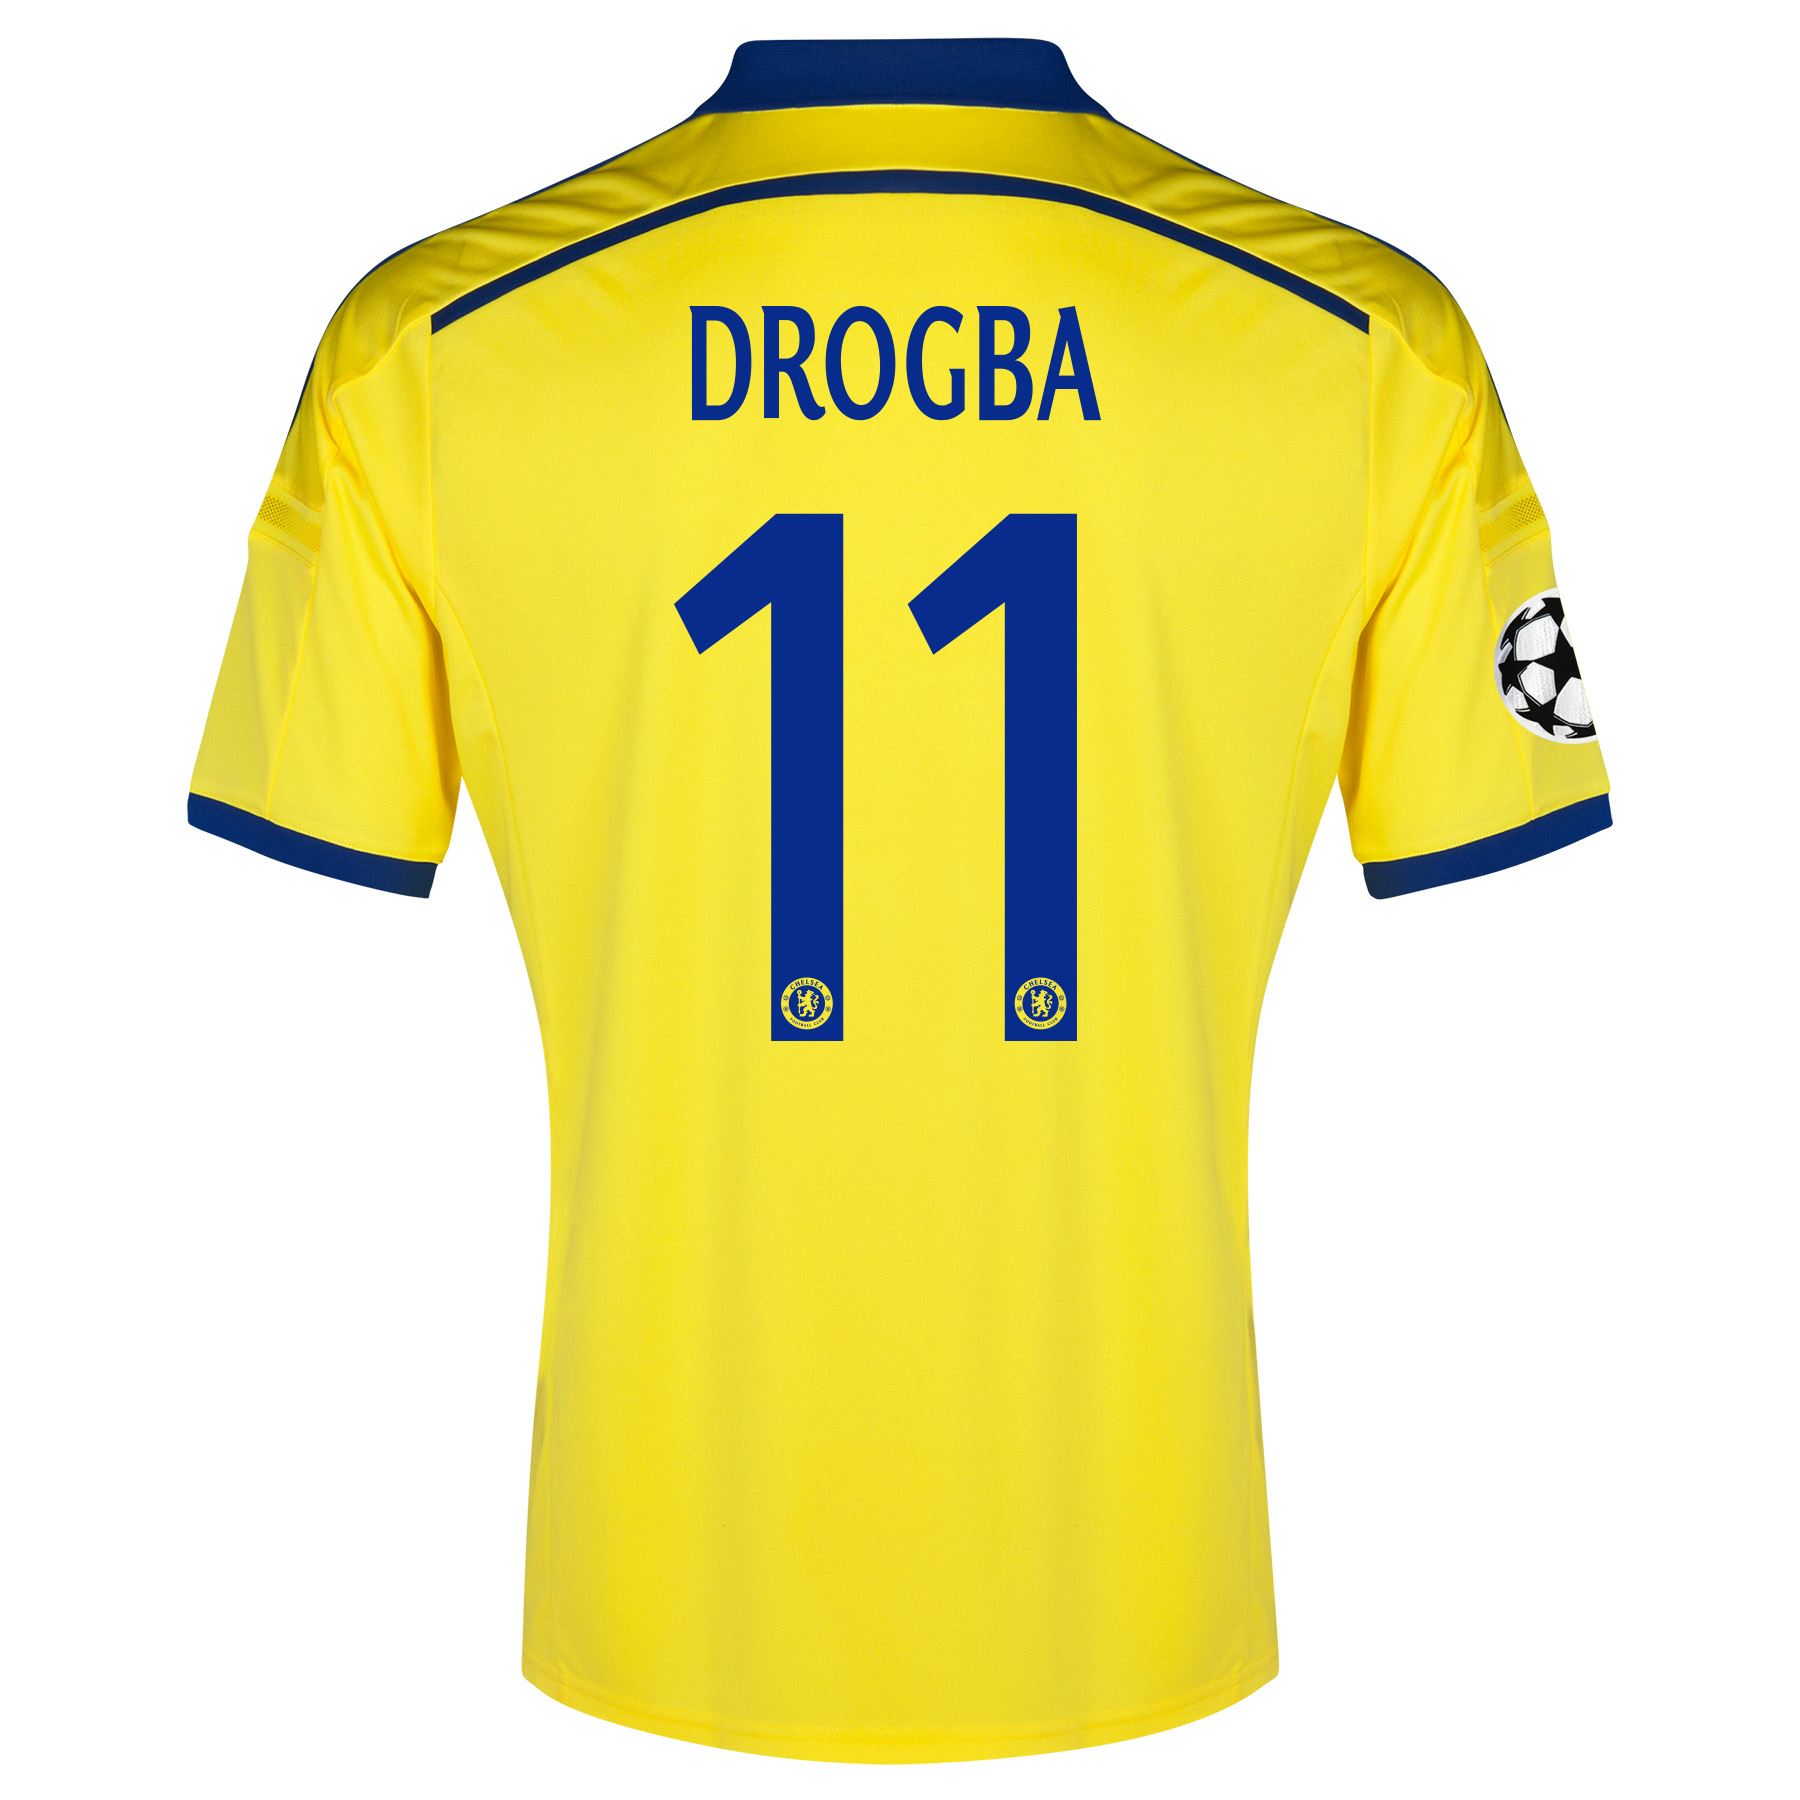 Chelsea Away Shirt 2014/15 - Kids with Drogba 11 printing